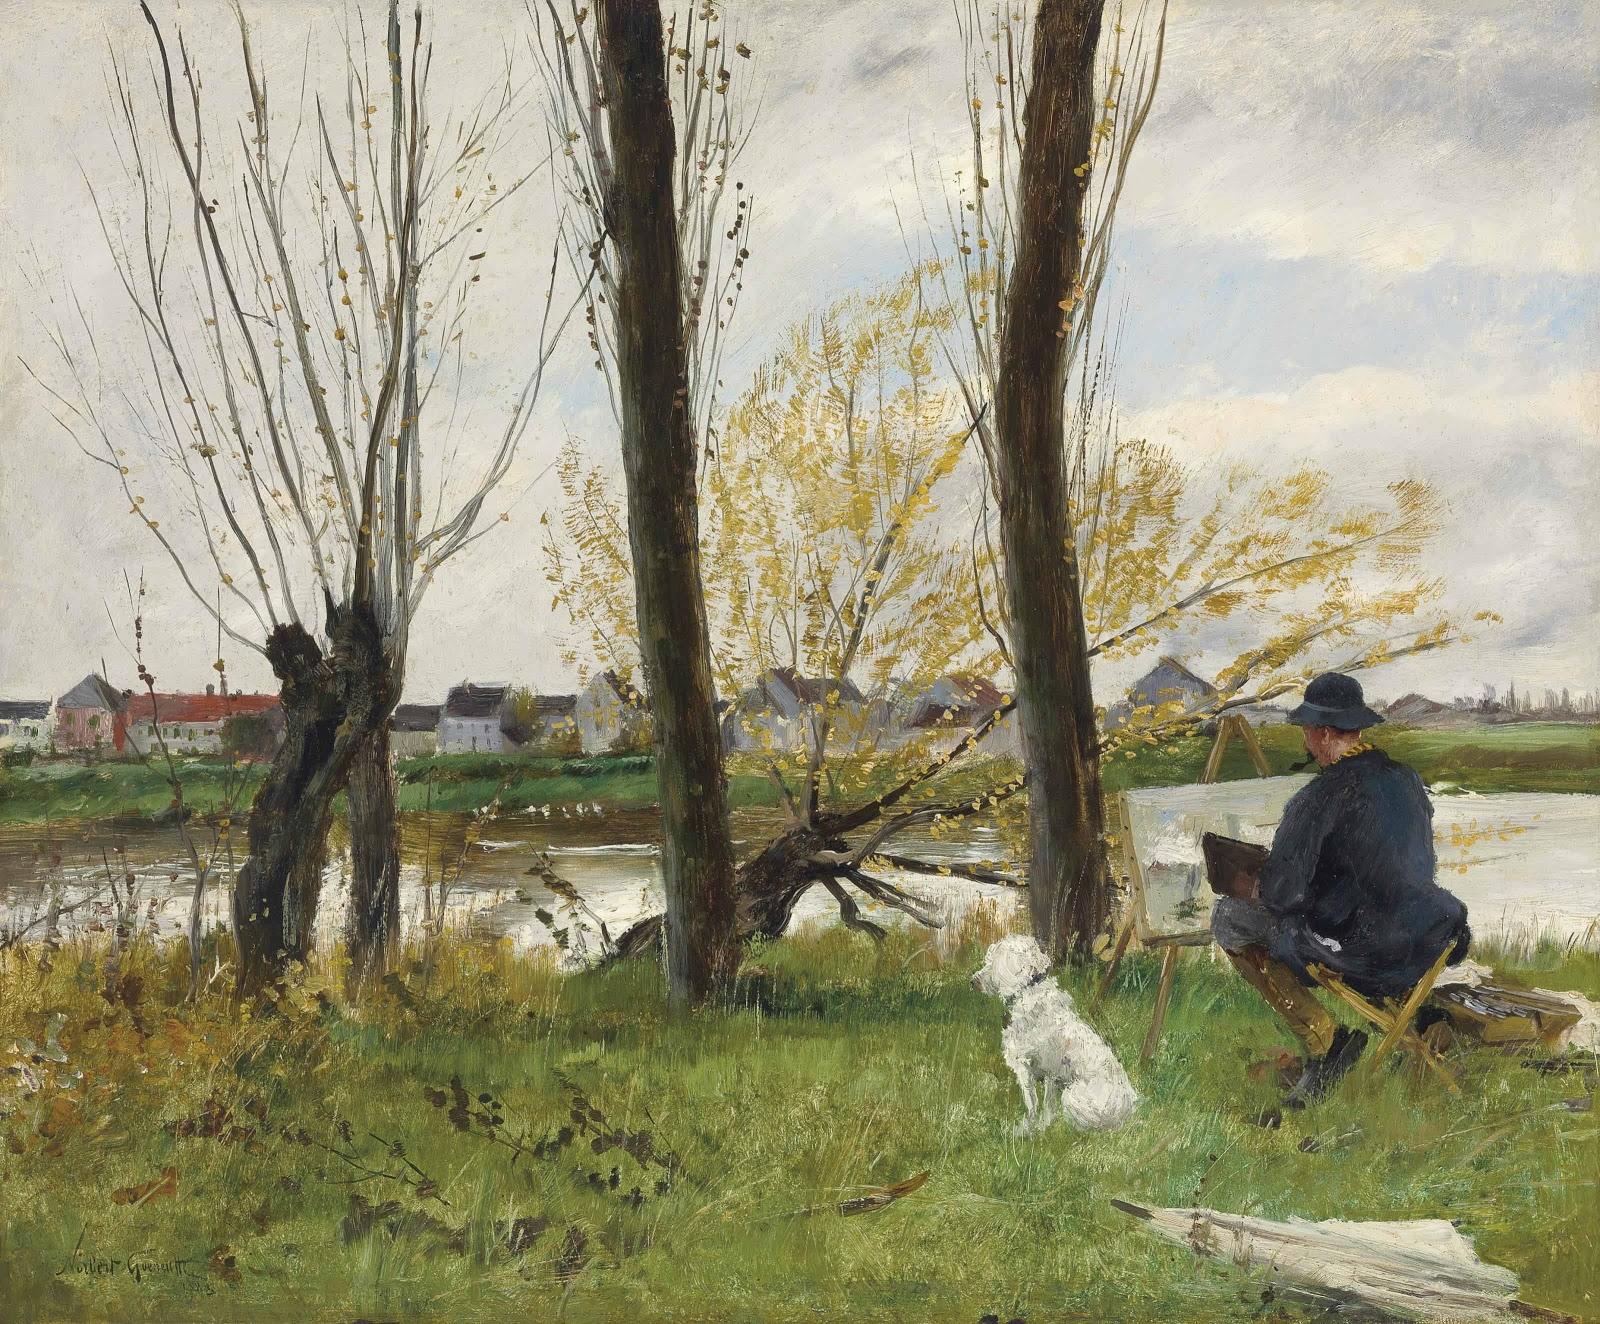 Norbert Goeneutte Peintre au bord d une riviere Christies